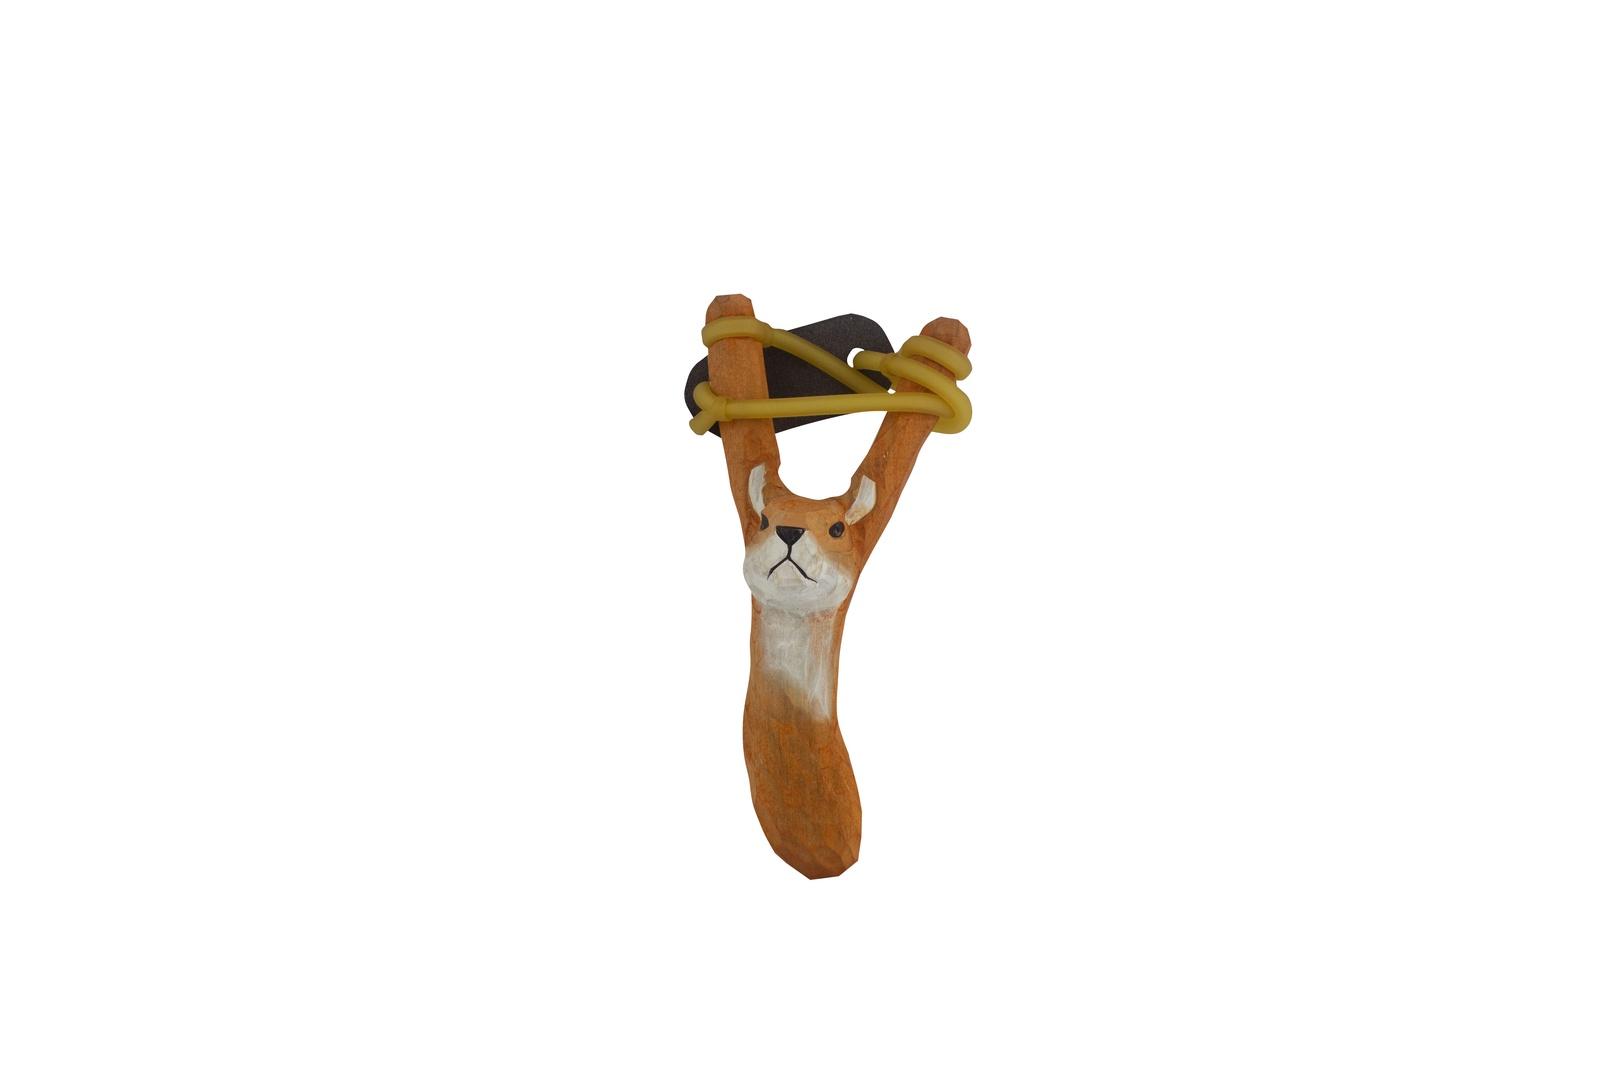 Рогатка игрушечная Molly&Pops Рысь, 2000000001852 коричневый рогатка игрушечная molly